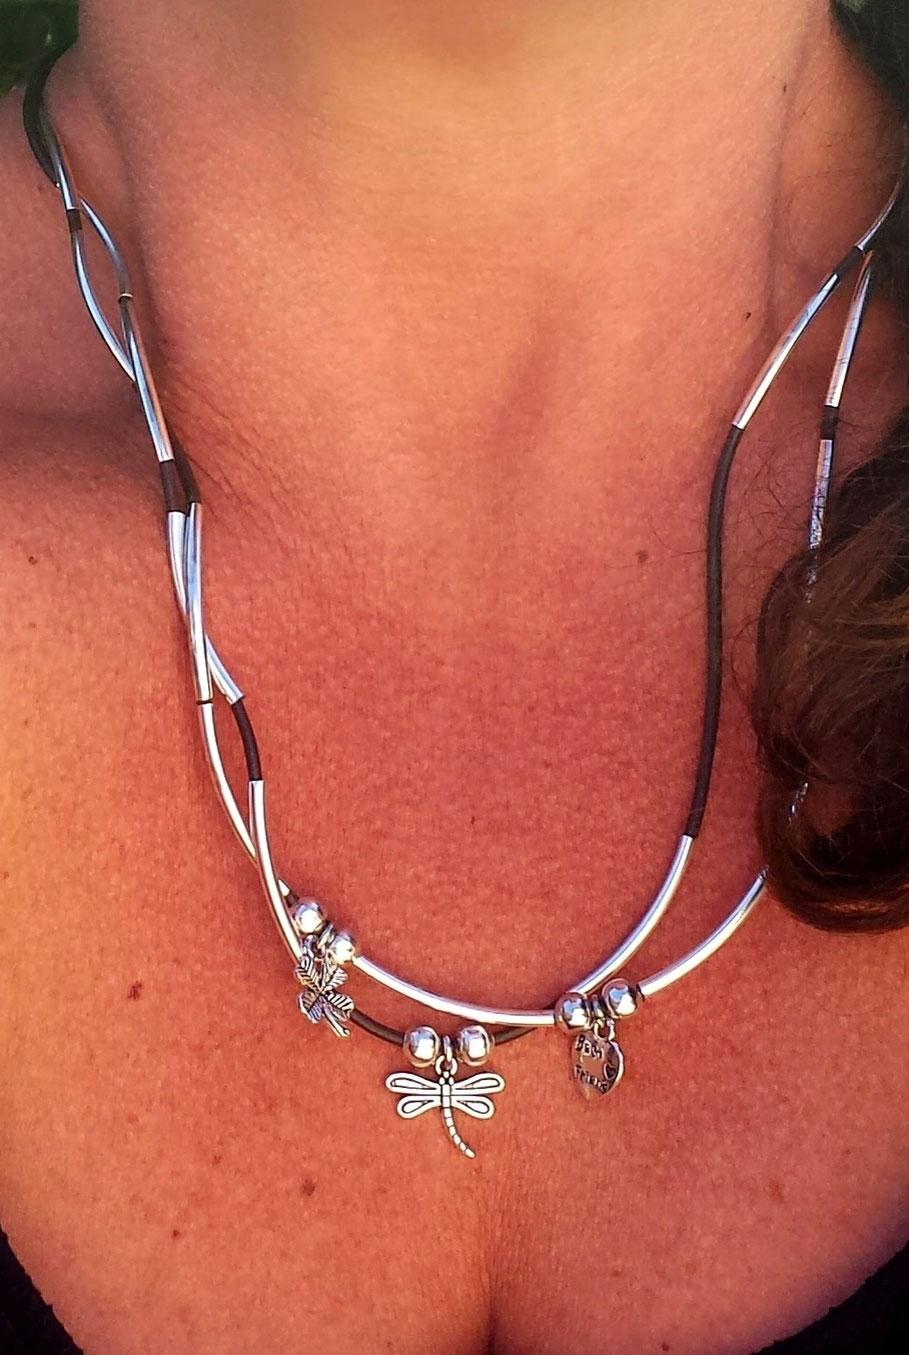 Bracelet transformable en collier et personnalisable fait main en France Manoléo fantaisies